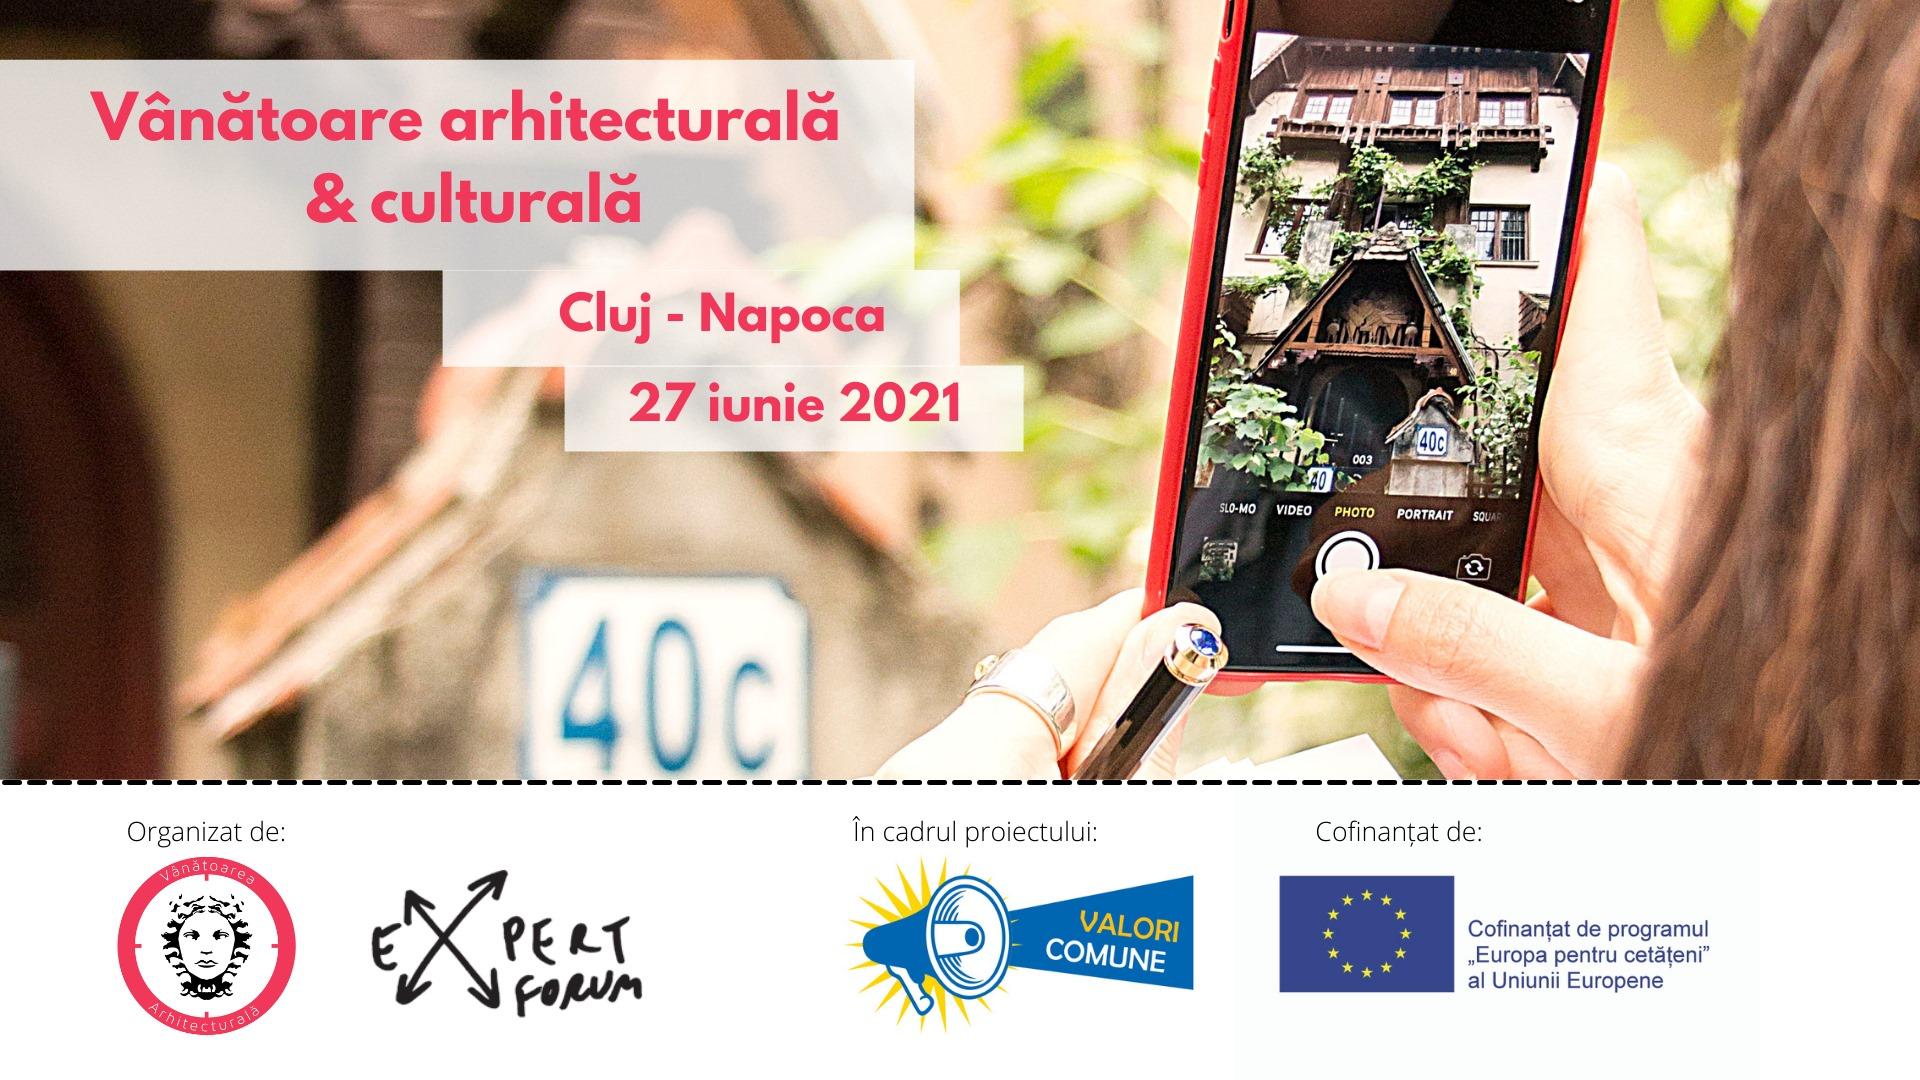 Vânătoare arhitecturală și culturală - Cluj